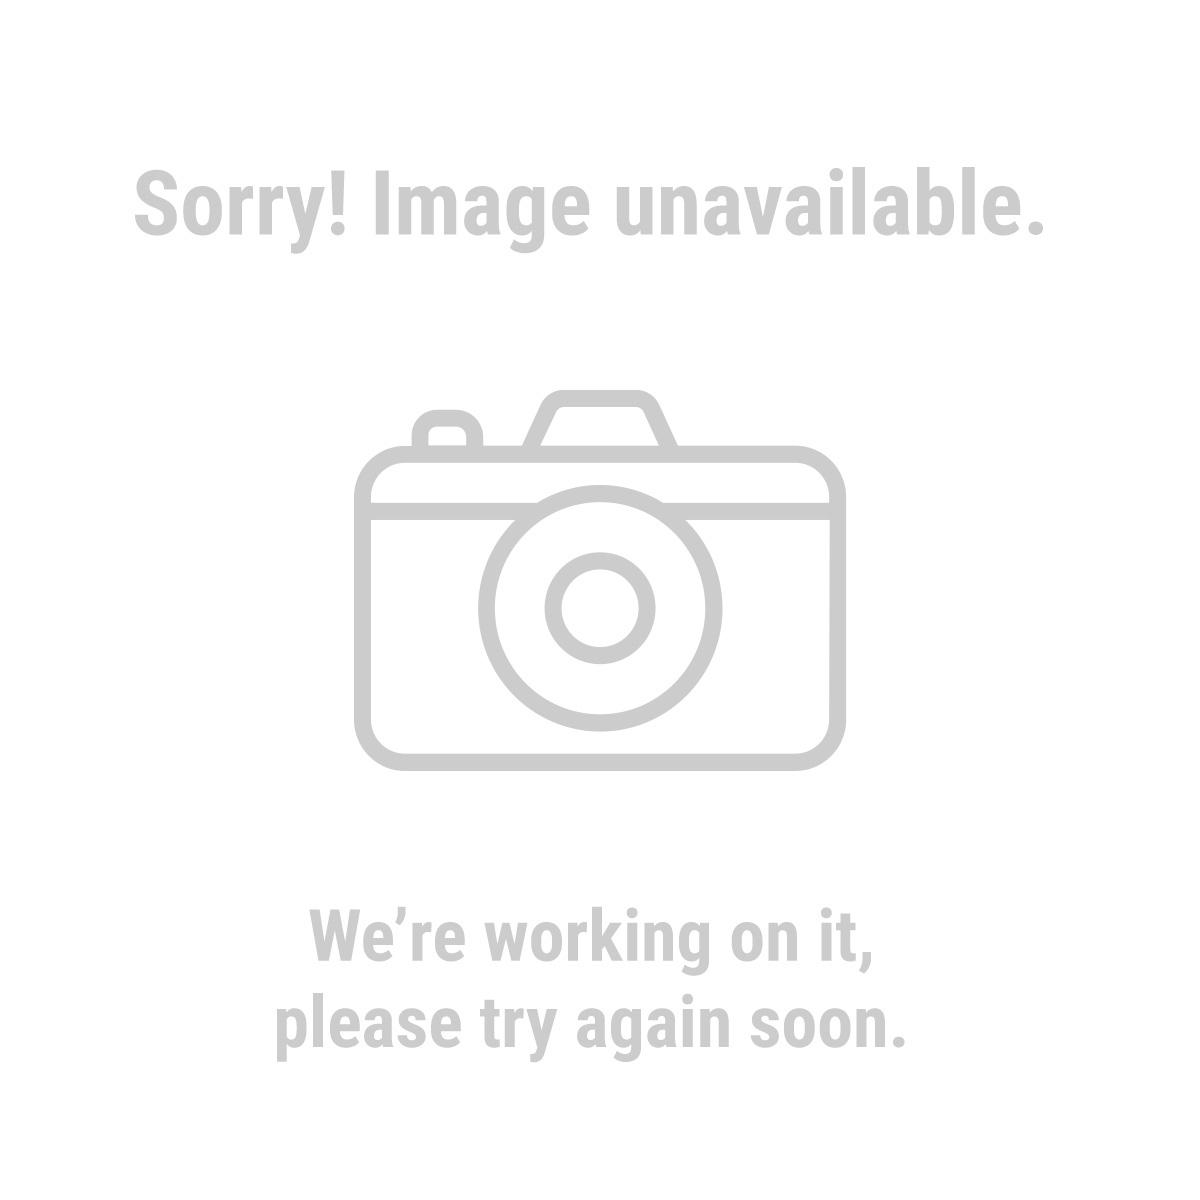 Chicago Electric Welding 67701 8 ft. x 8 ft. Fiberglass Welding Blanket